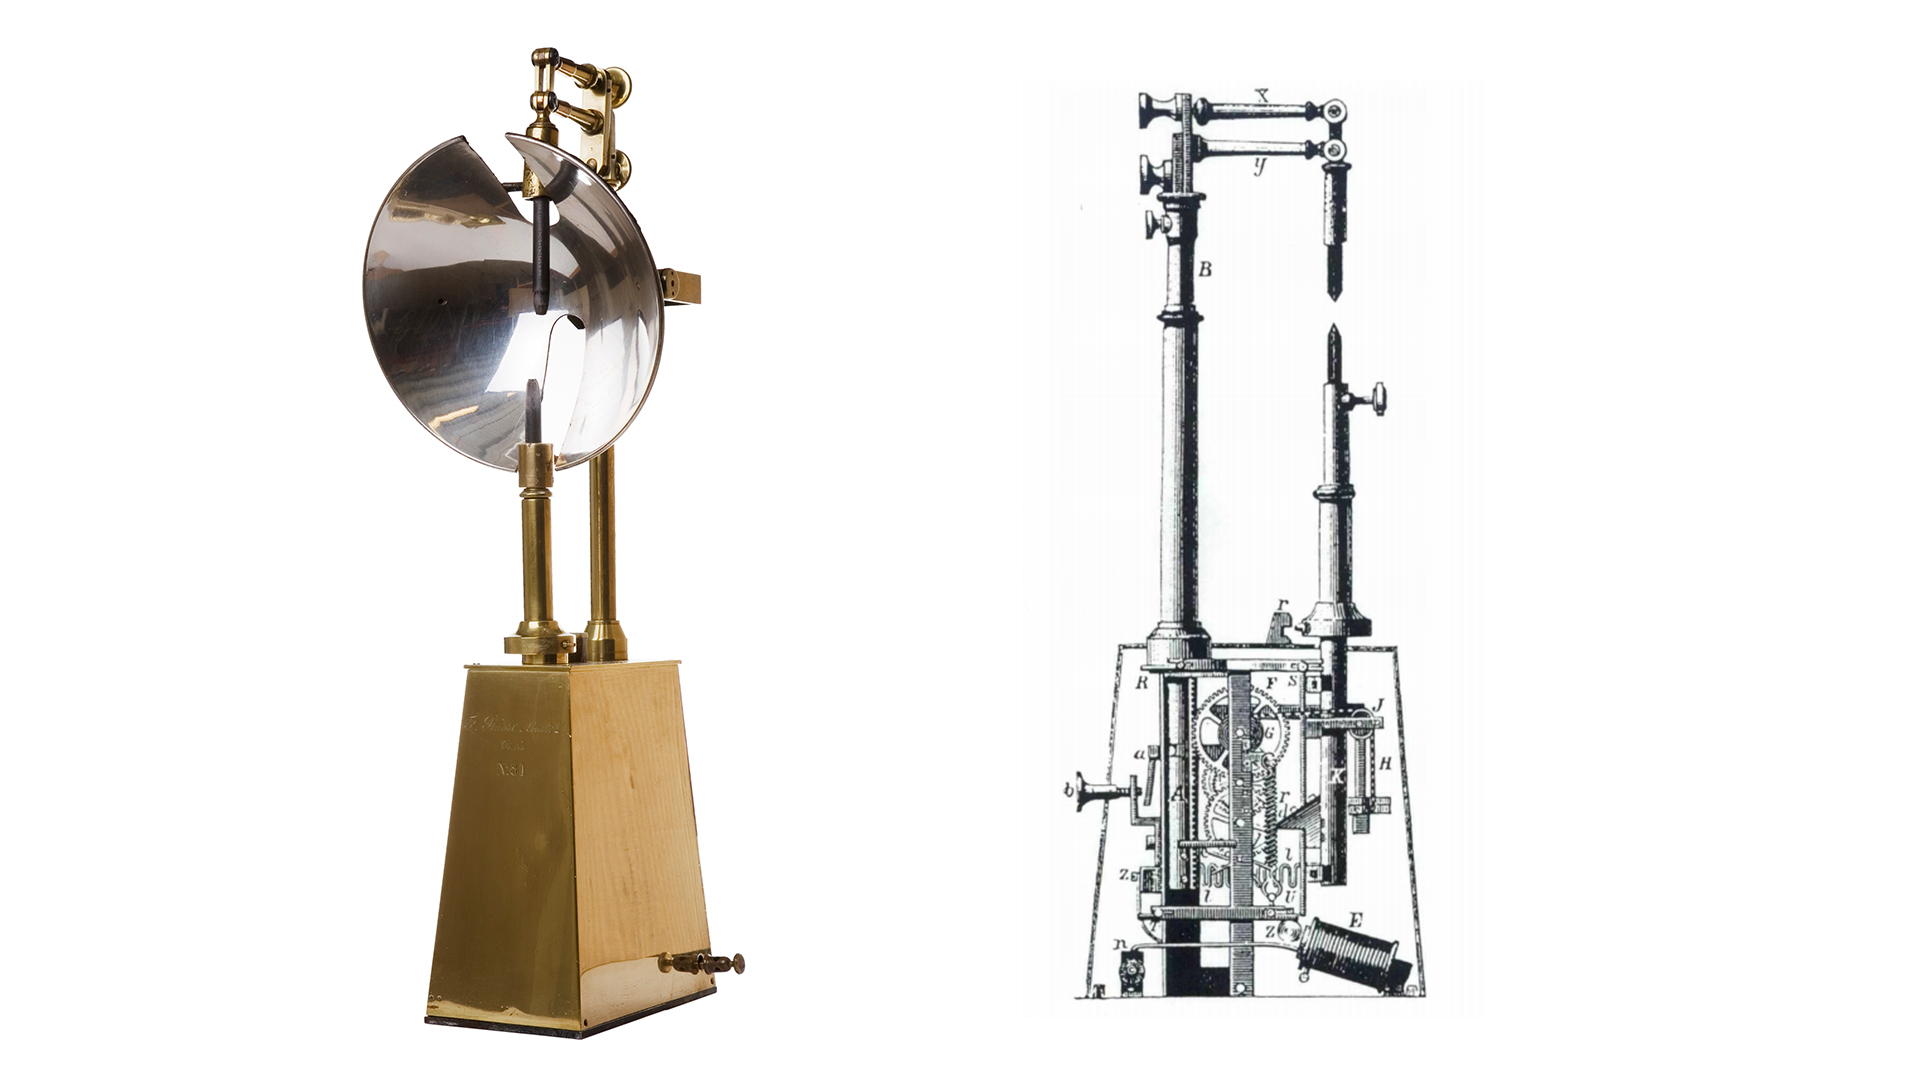 En bågljuslampa bredvid en teknisk teckning av en likadan lampa.